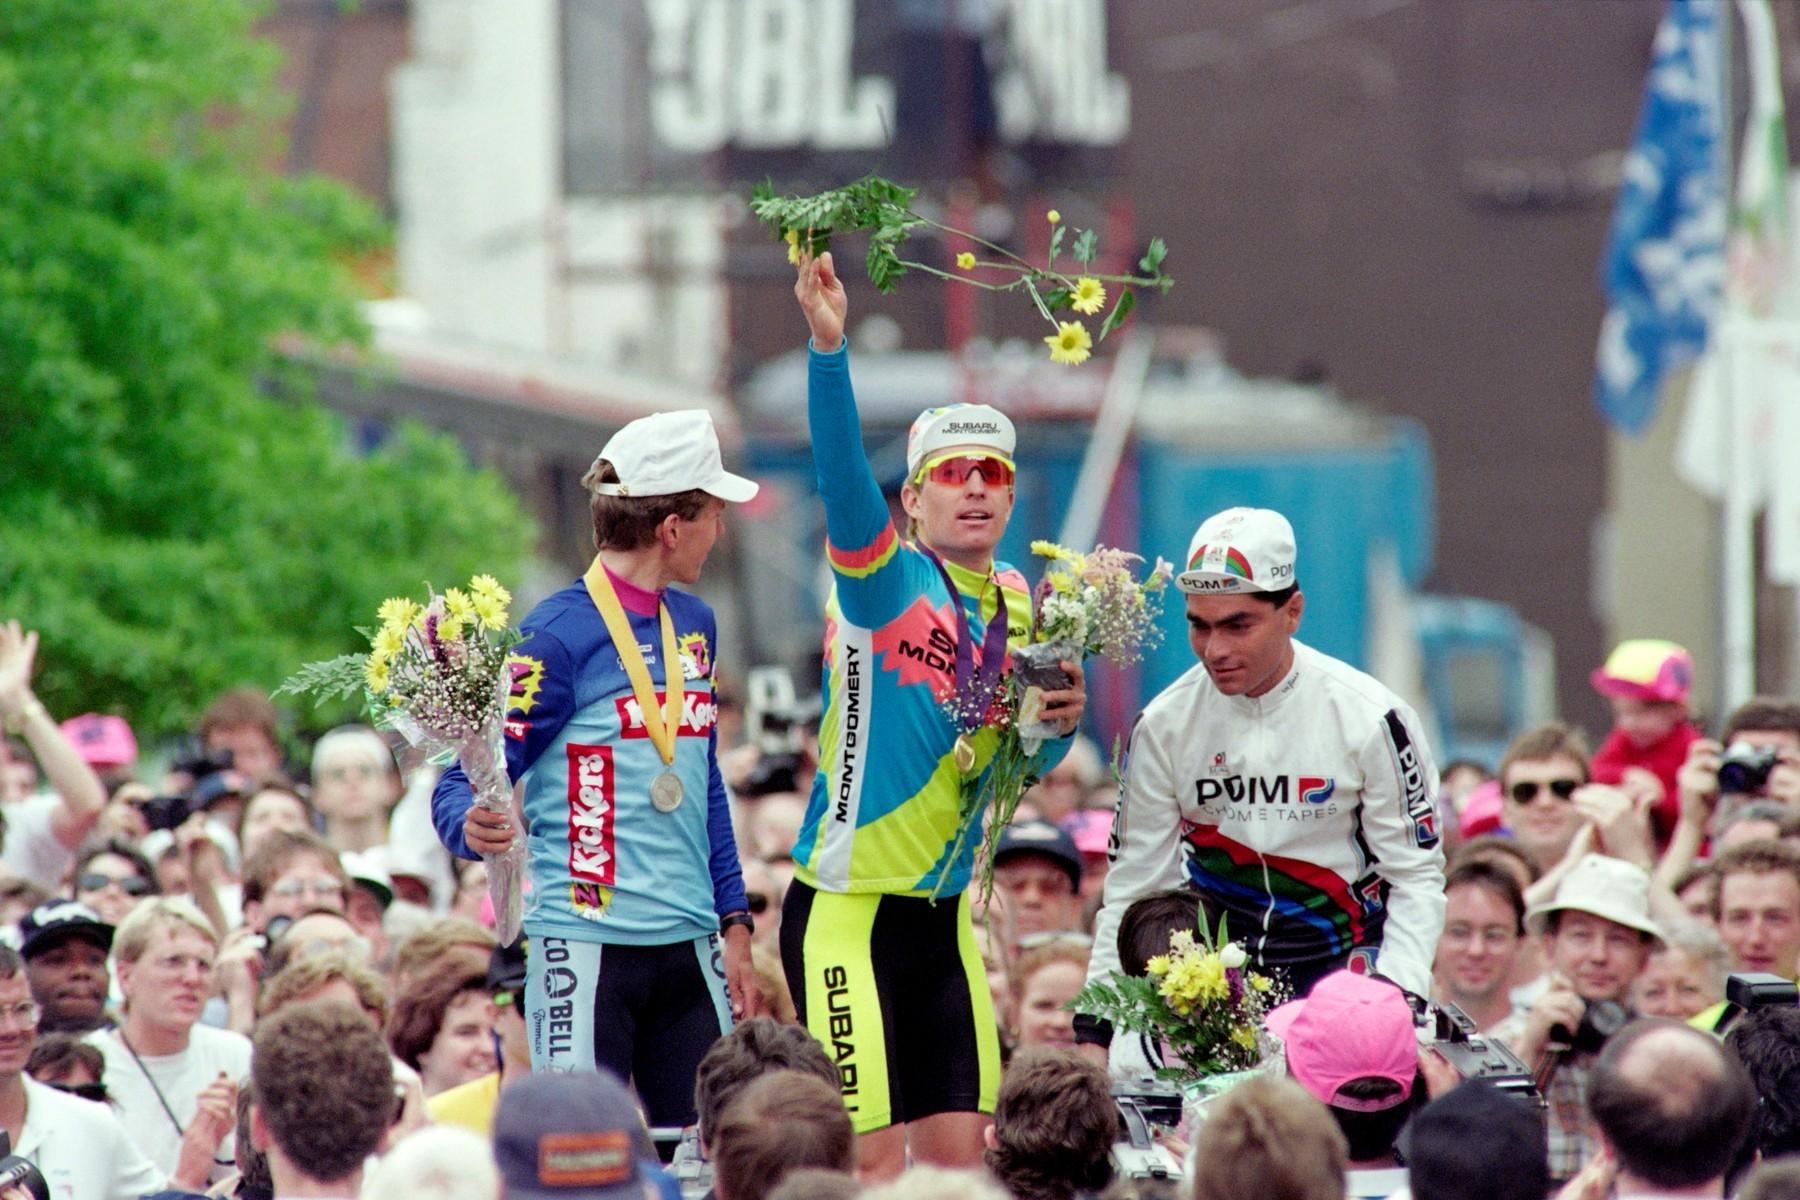 Americký cyklista Nate Reiss jako vítěz Tour de Trump 1990 hází květiny do davu diváků v Richmondu. Vlevo stříbrný Atle Kvolsvoll z Norska a vpravo třetí muž pořadí Mexičan Raul Alcala. Foto: profimedia